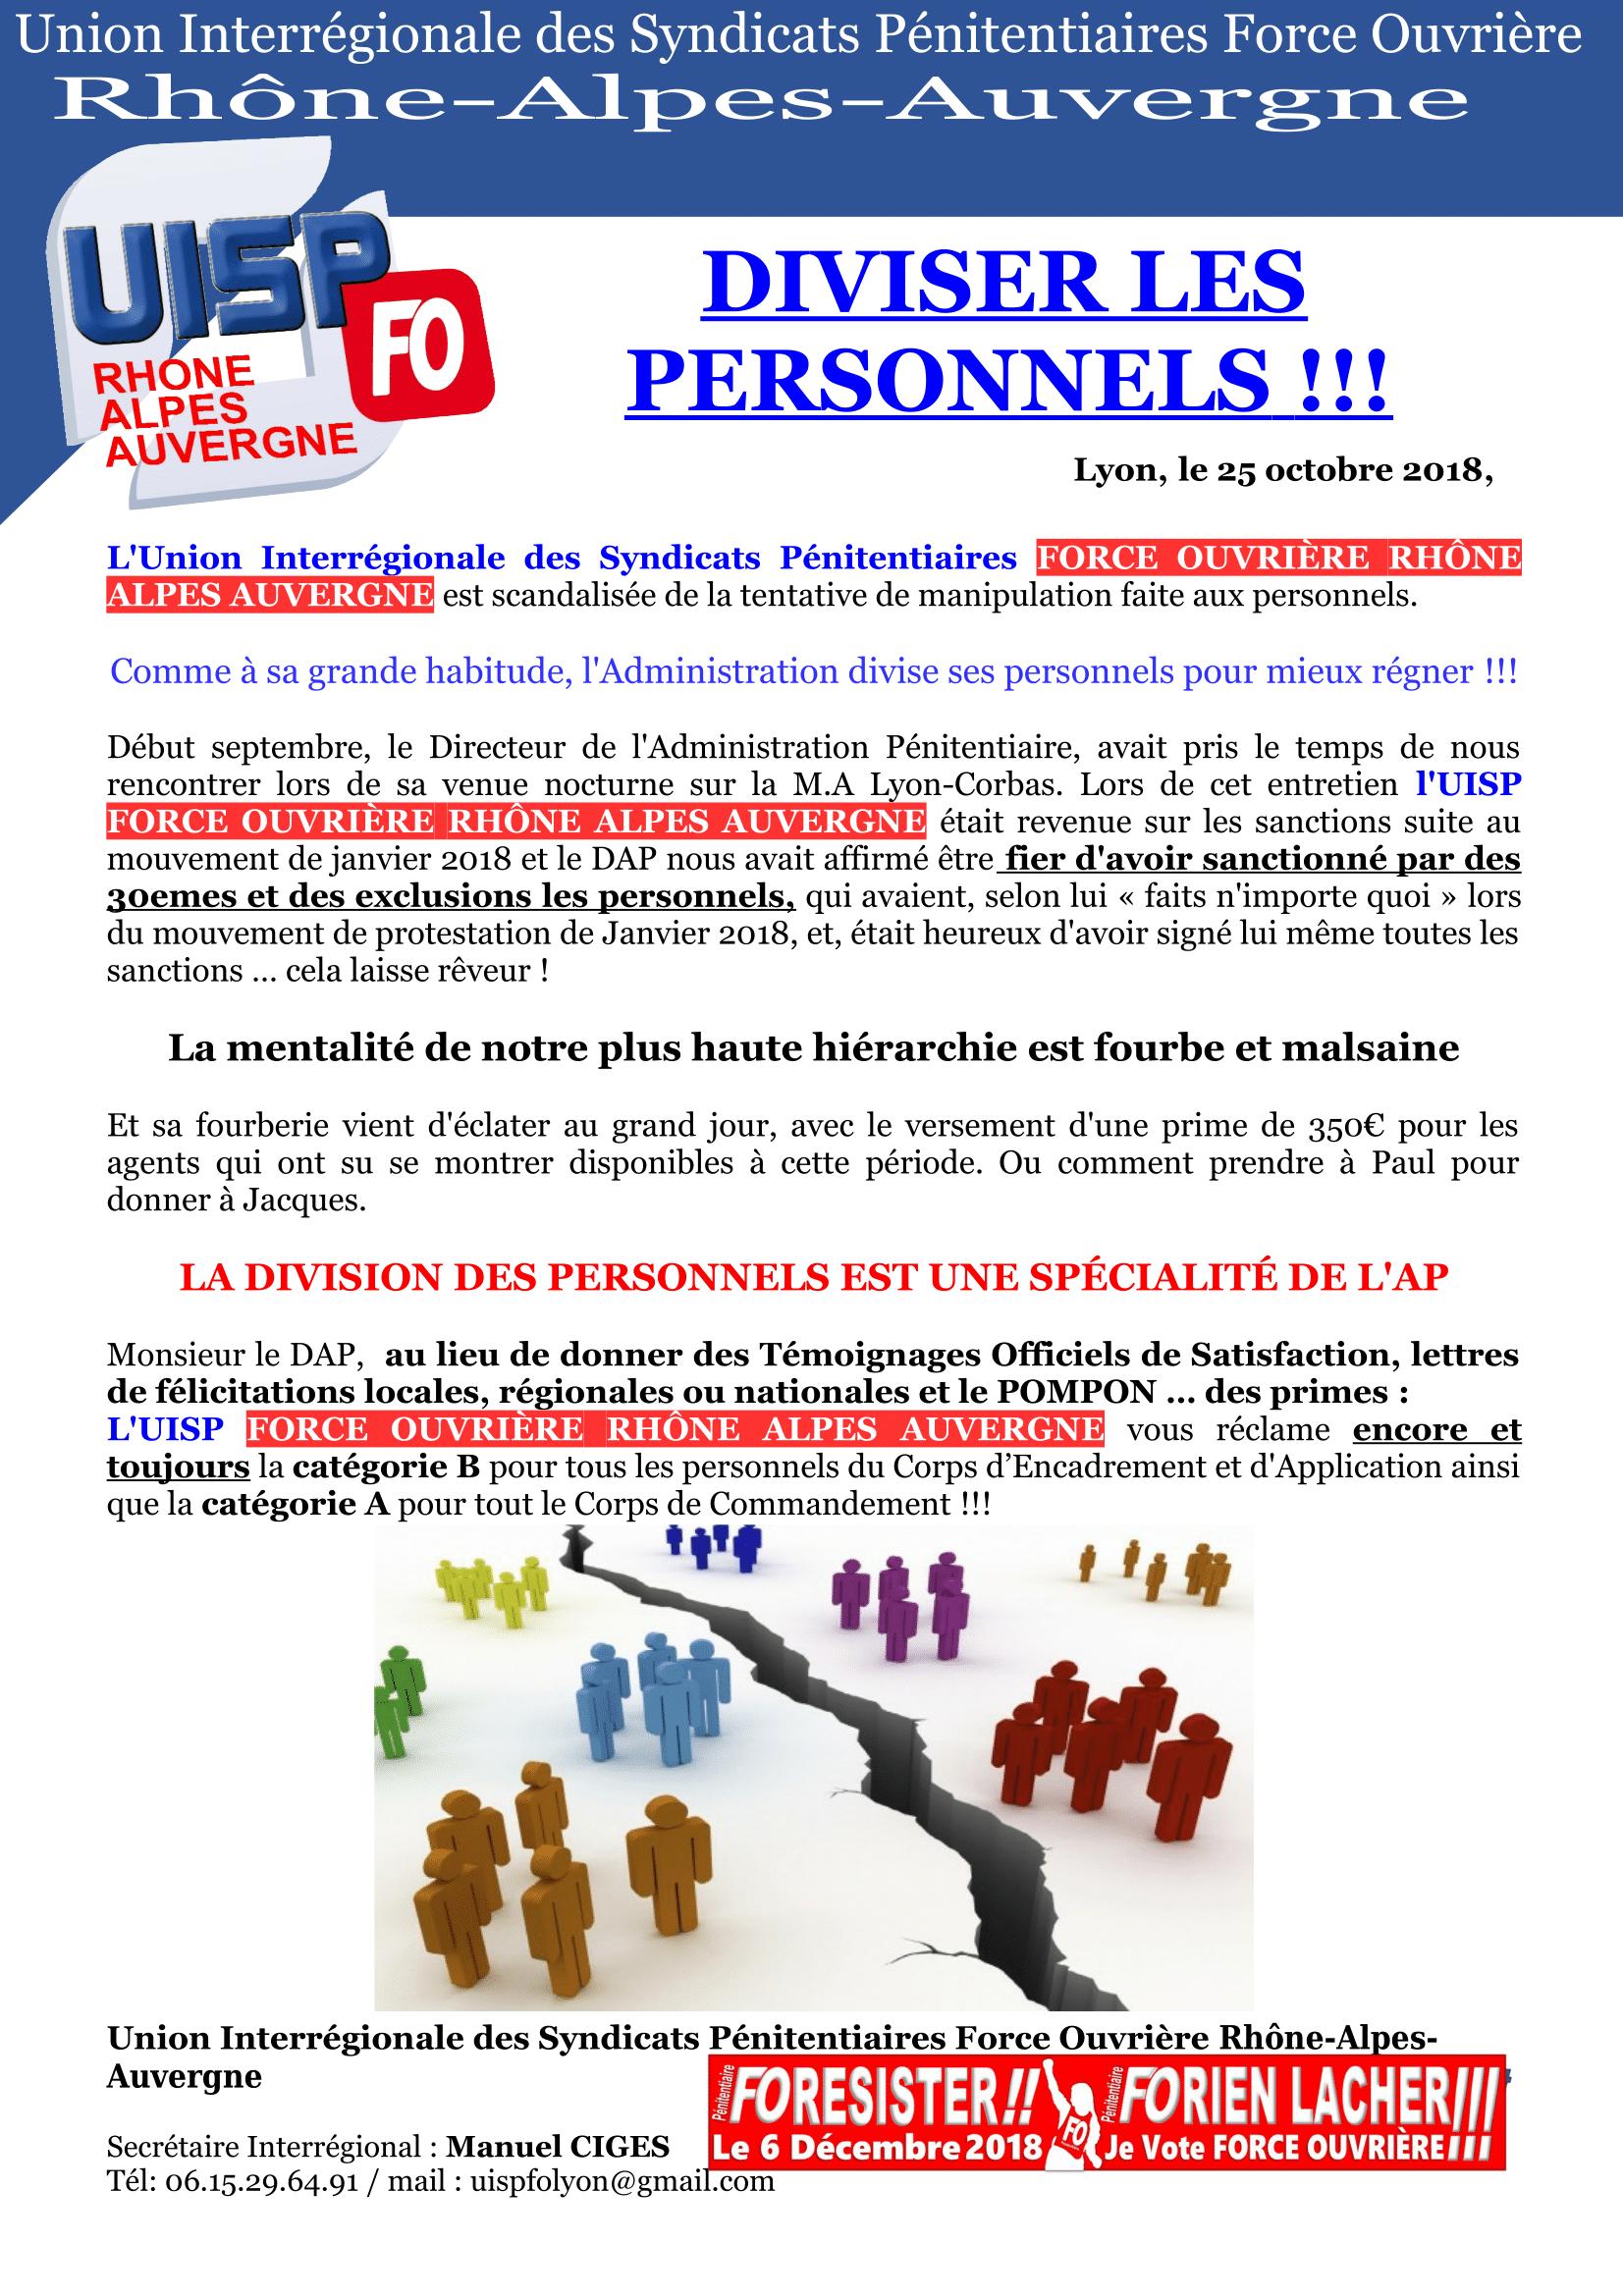 Diviser les personnels UISP (1)-1